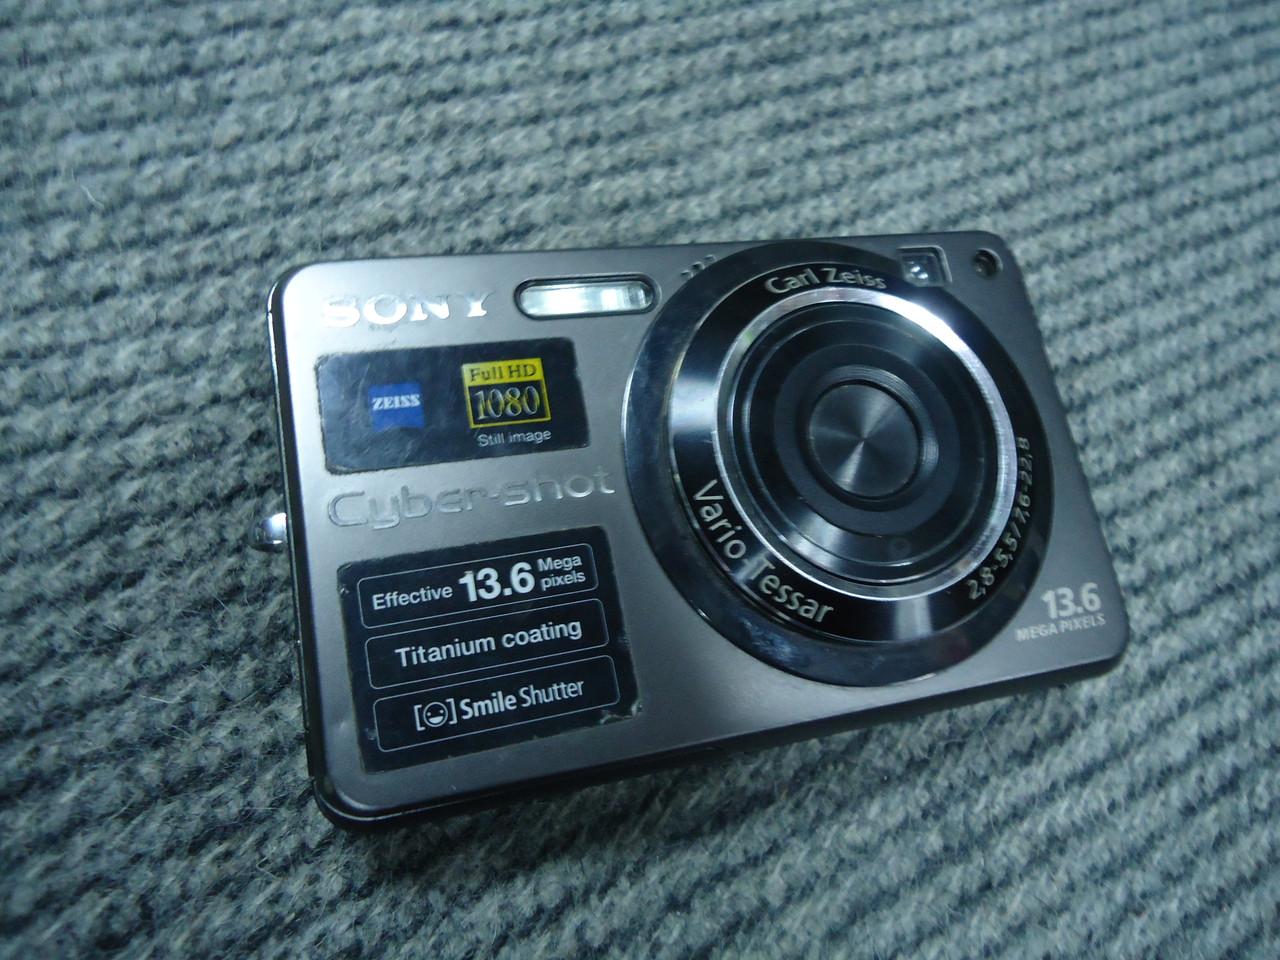 Фотоаппарат 13.6 Мп SONY DSC-W300 на запчасти